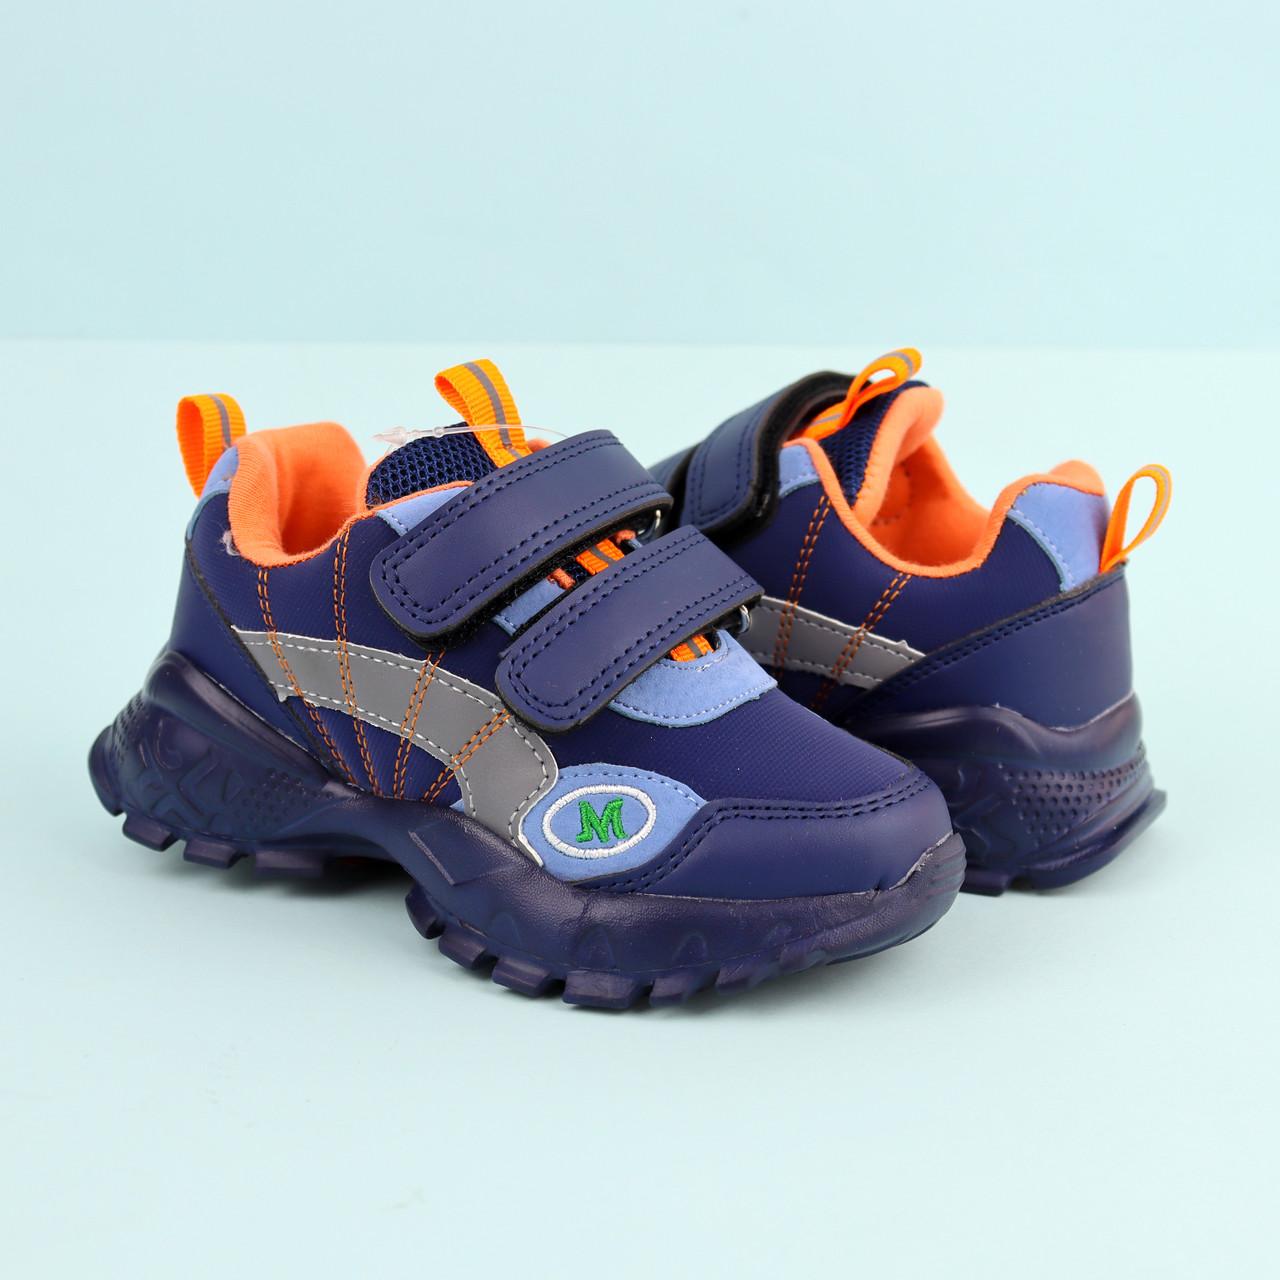 7889D Детские синие кроссовки для мальчика тм Tom.M размер 21,22,23,24